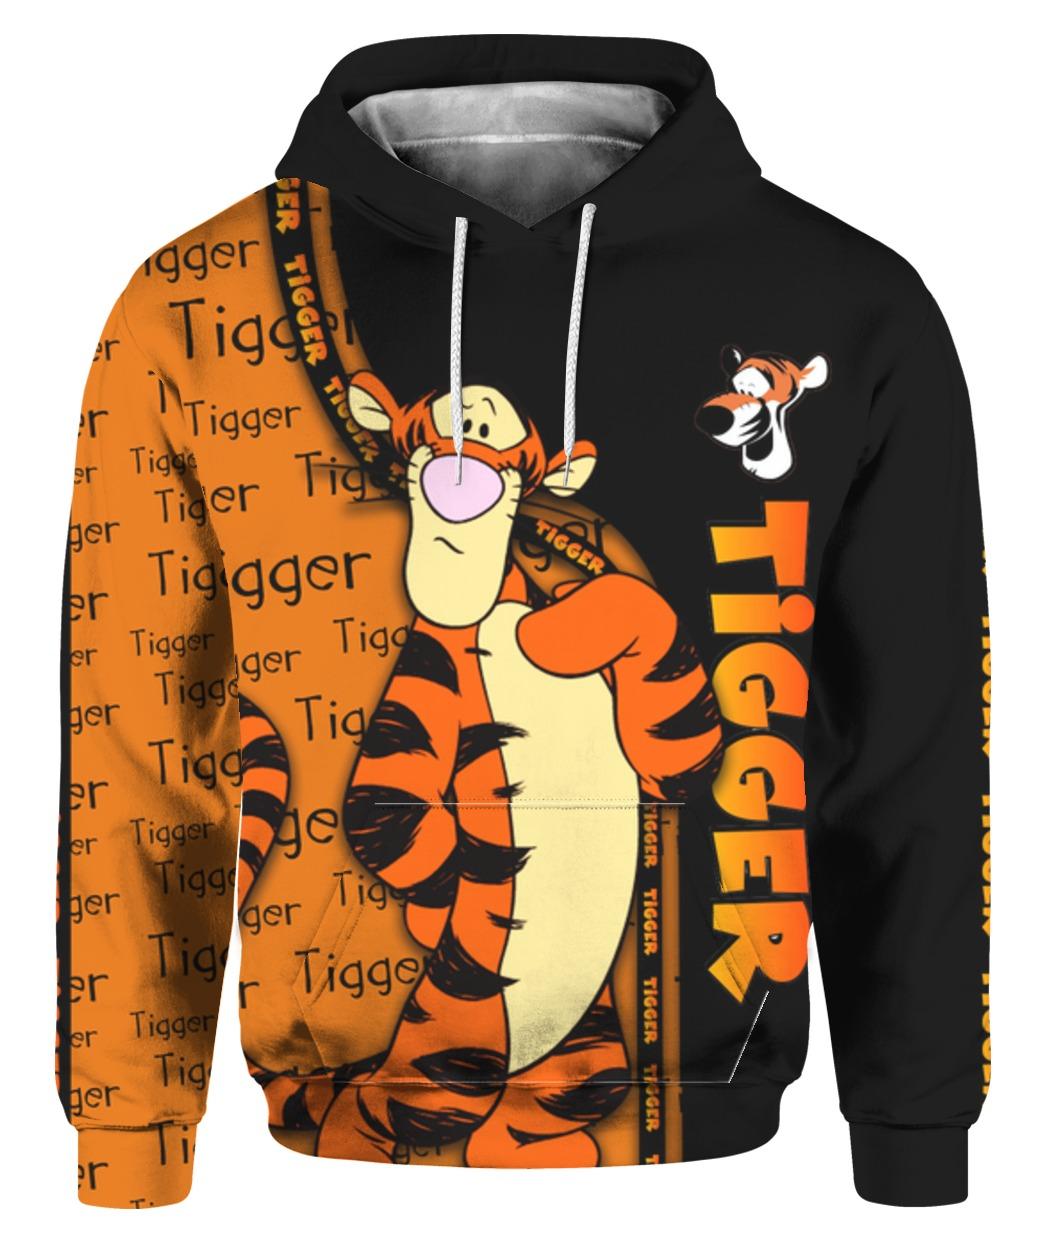 Tigger winnie-the-pooh full printing hoodie 1